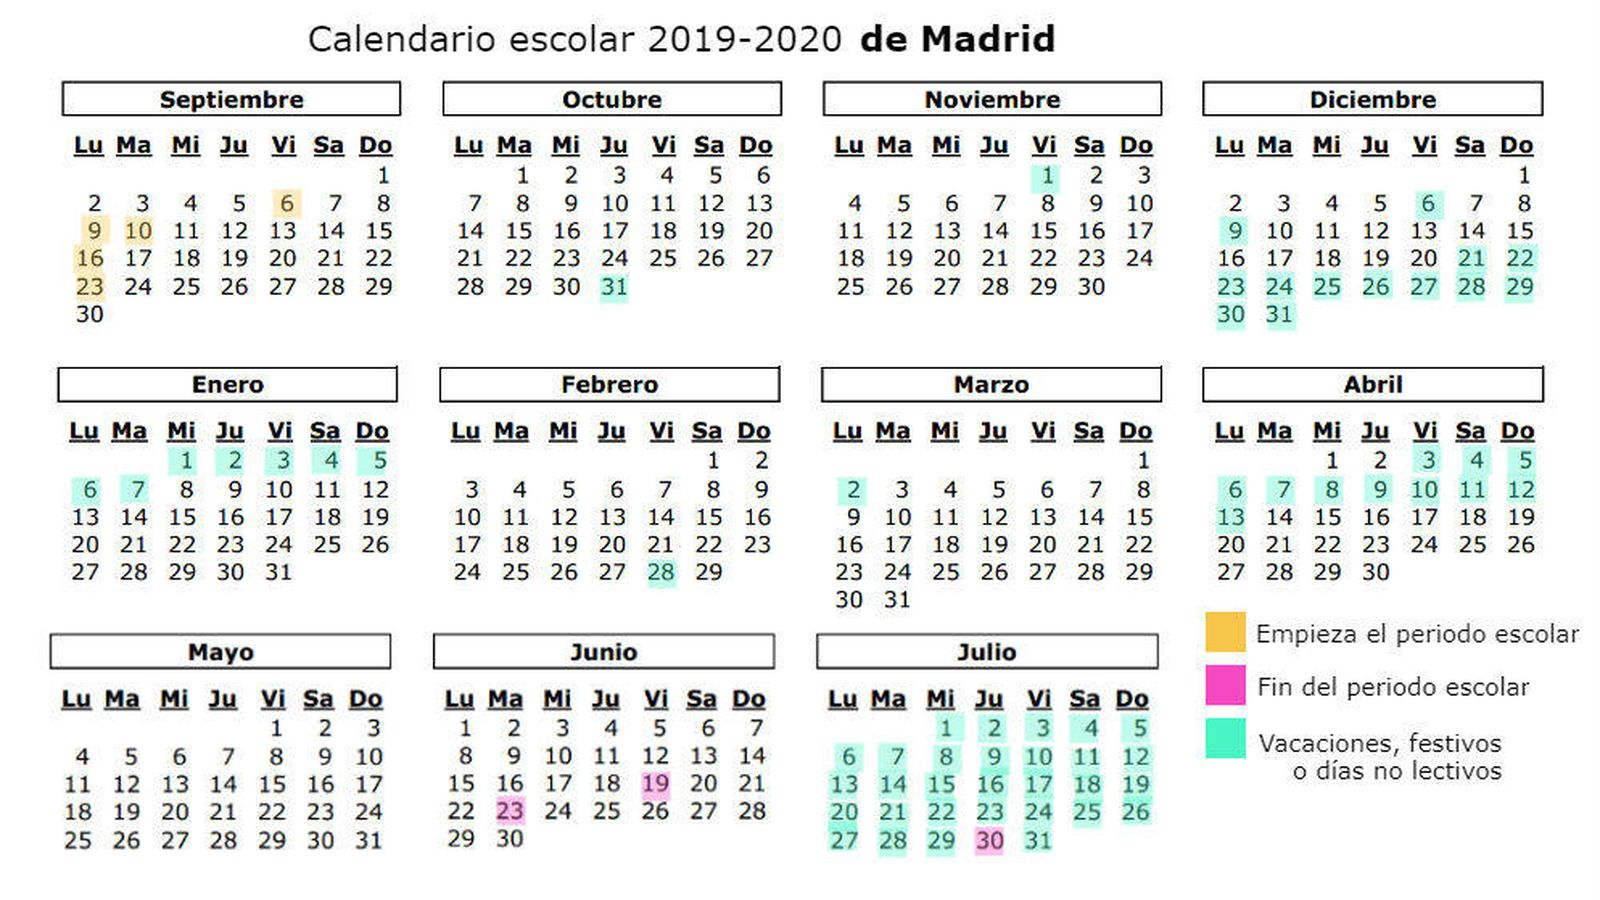 Calendario Escolar 2020 2020 Comunidad Valenciana.Calendario Escolar 2019 2020 Cuando Es La Vuelta Al Cole En Madrid